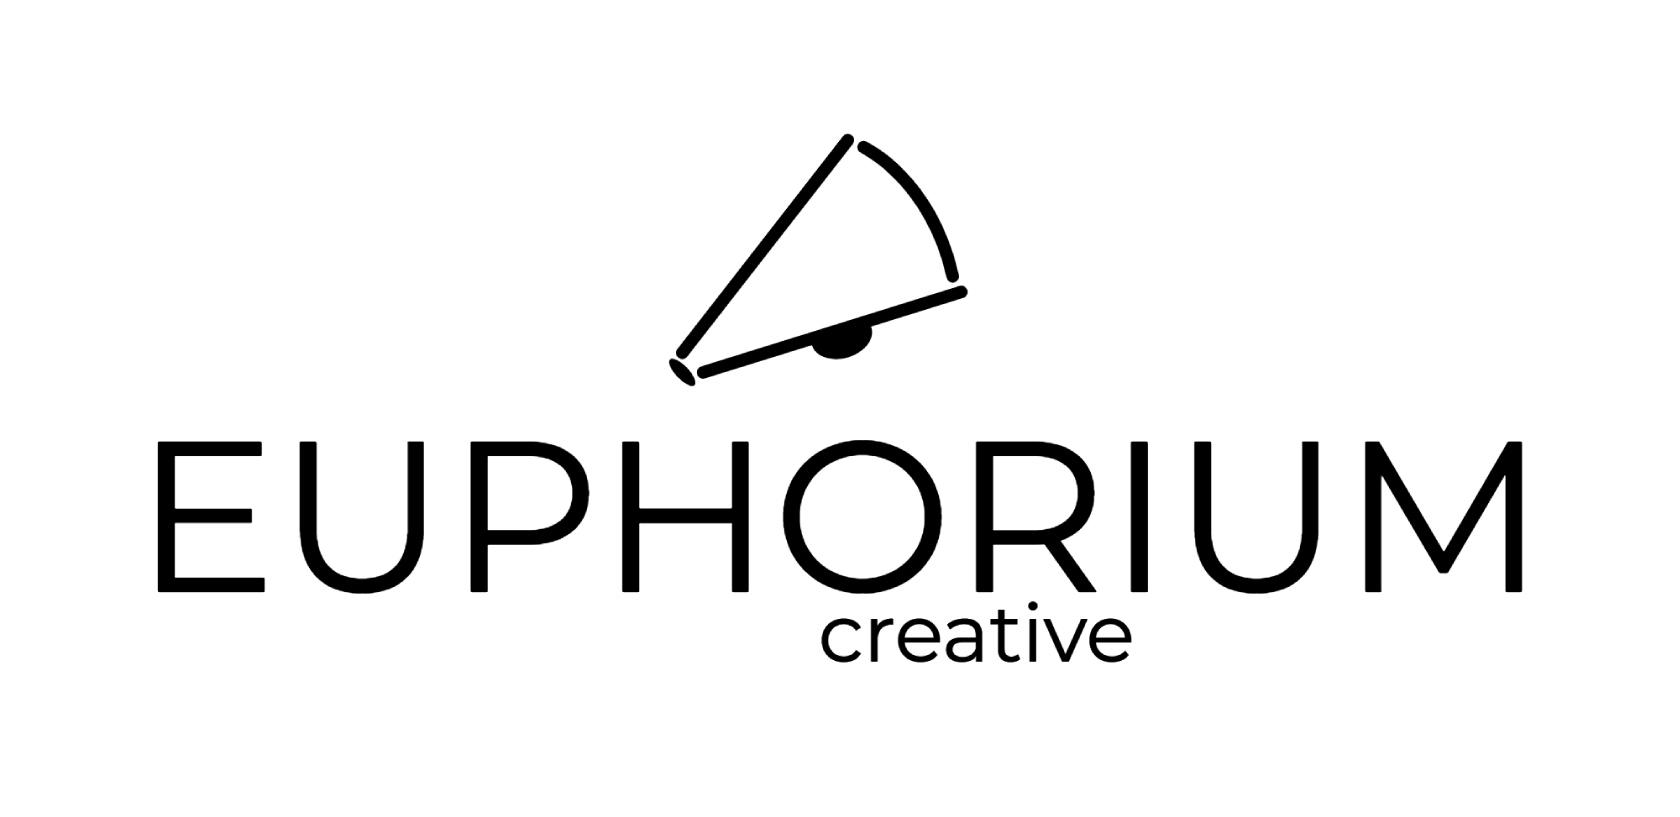 Euphorium Creative